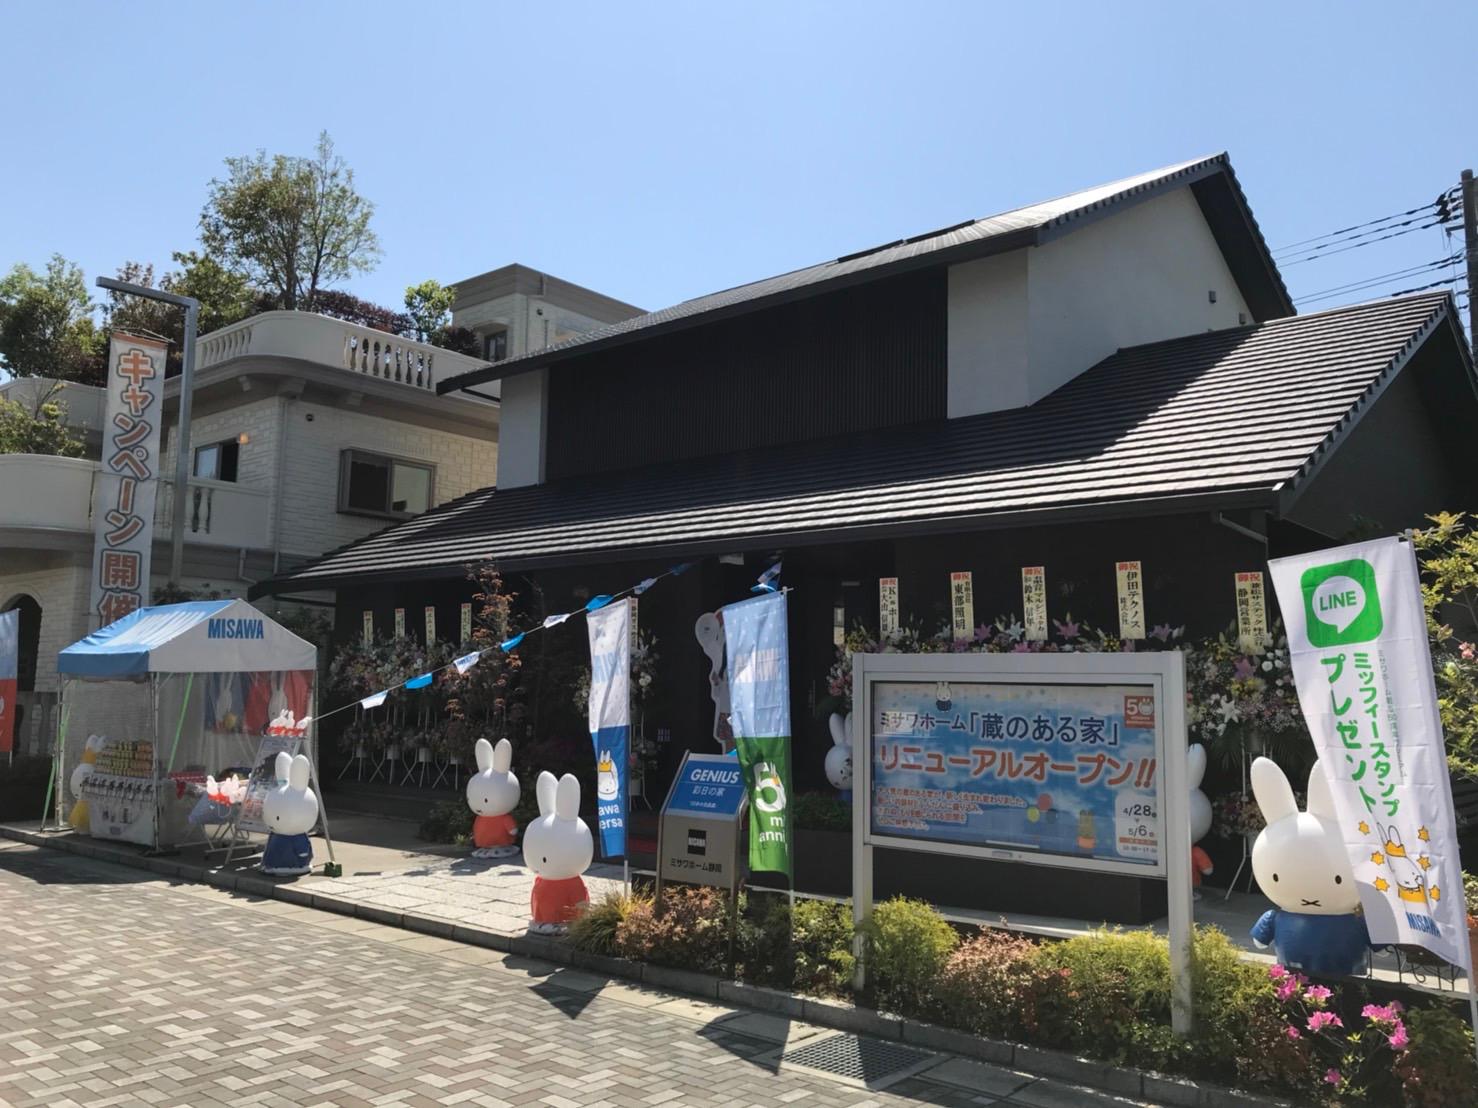 MISAWA夏まつりー三島展示場ー